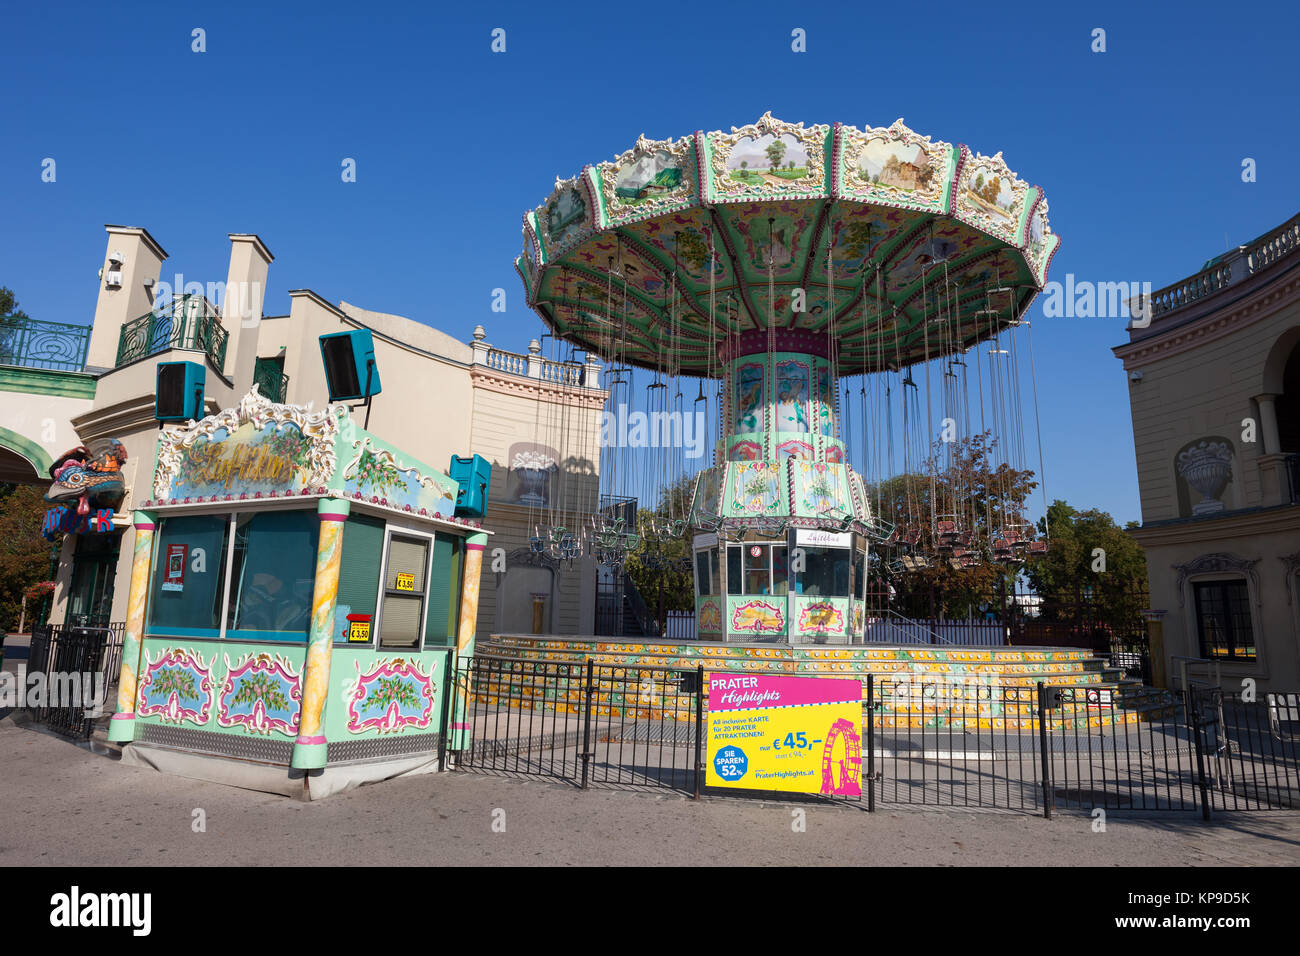 Luftikus auf nostalgische Kettenkarussell retro Karussell im Prater in Wien, Österreich, Europa Stockbild